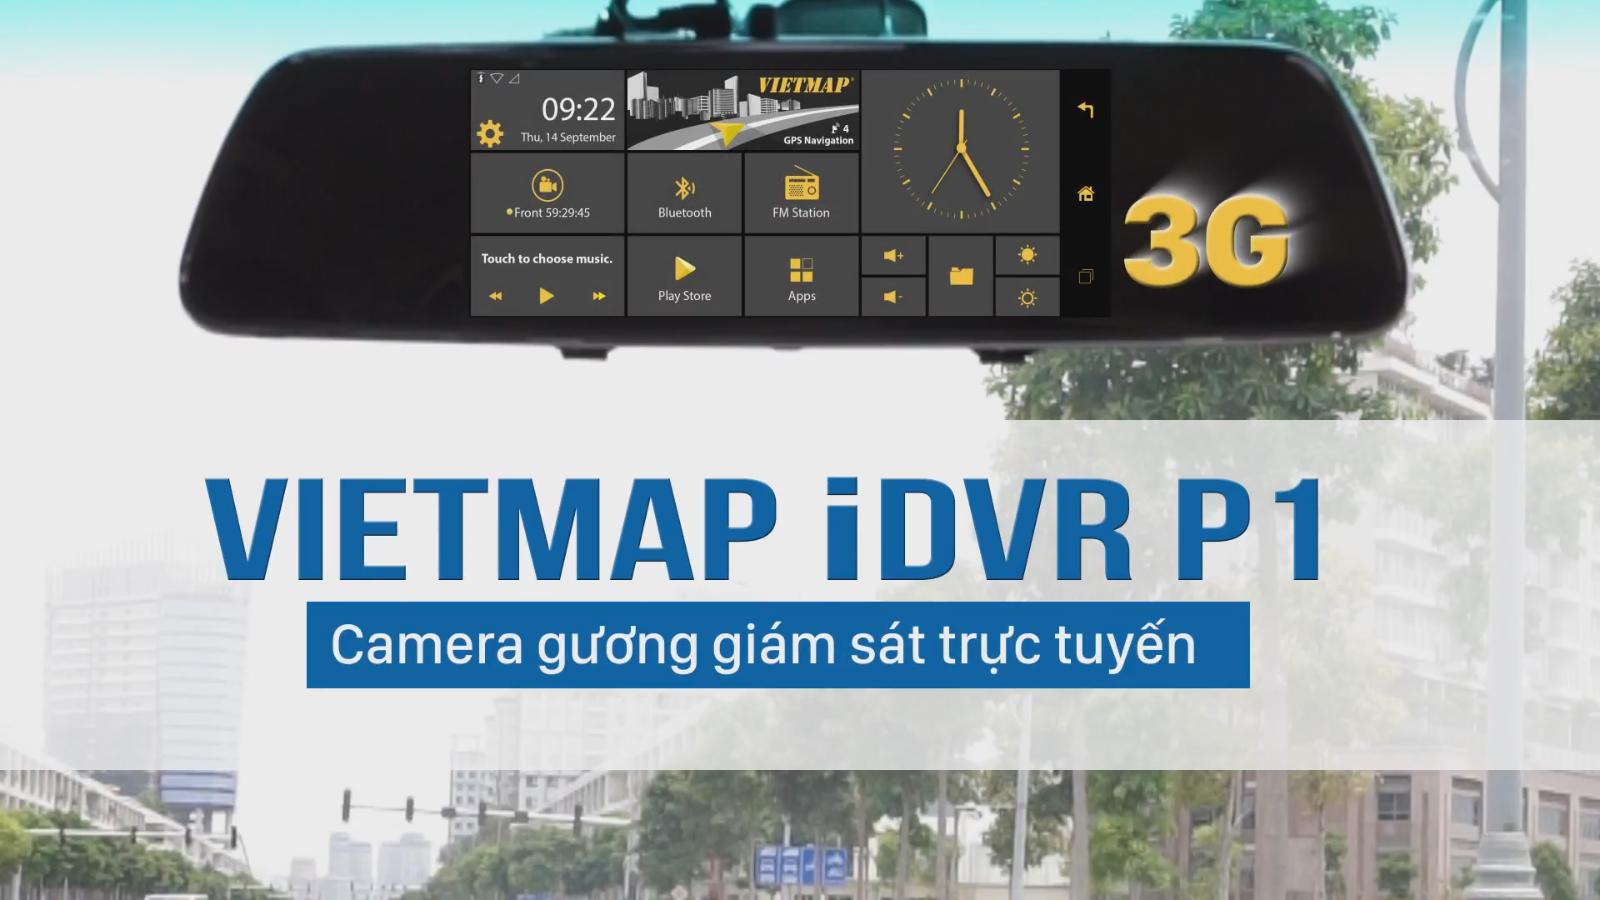 Vietmap iDVR P1 giúp bạn giám sát video online từ xa